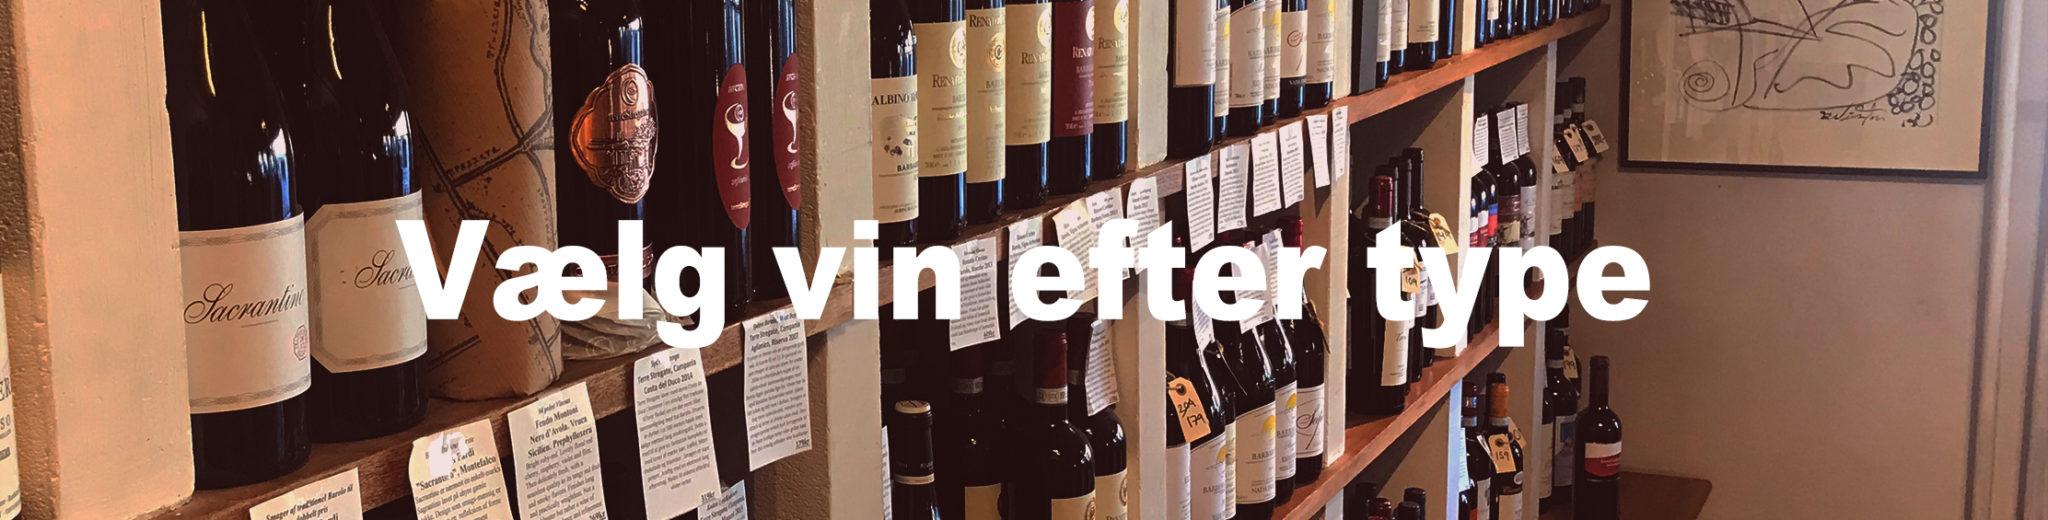 vælg vin udfra type